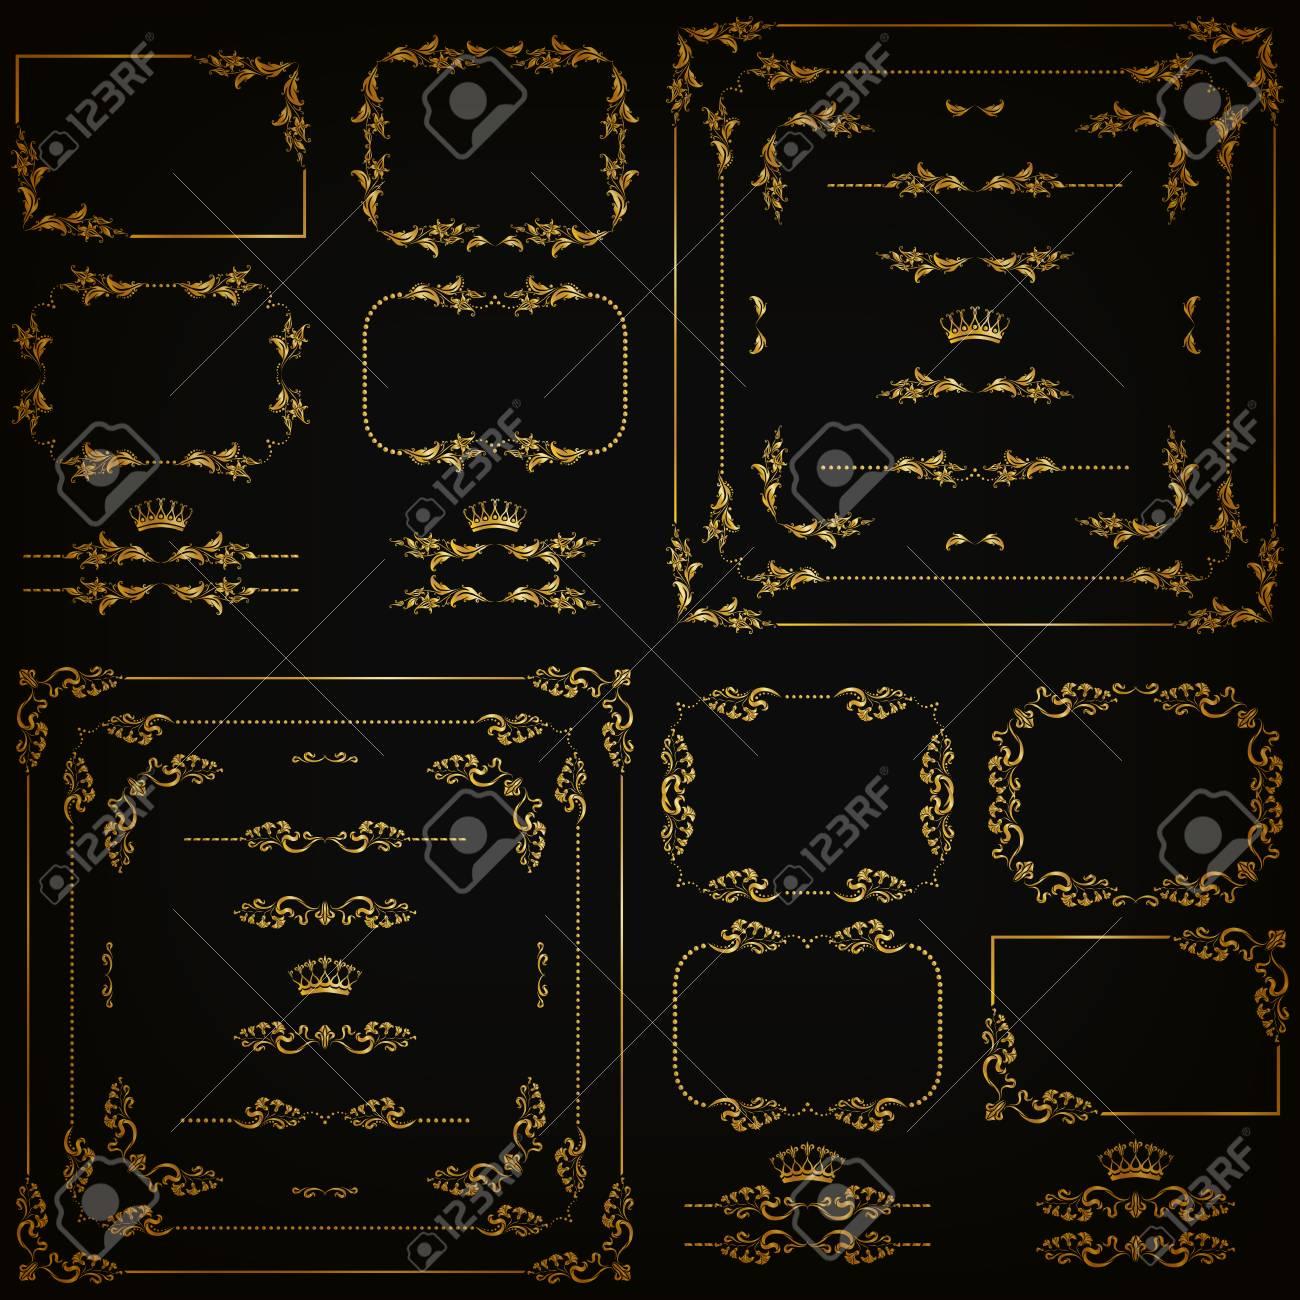 Set Gold Dekorativen Horizontalen Floralen Elementen, Ecken, Ränder ...